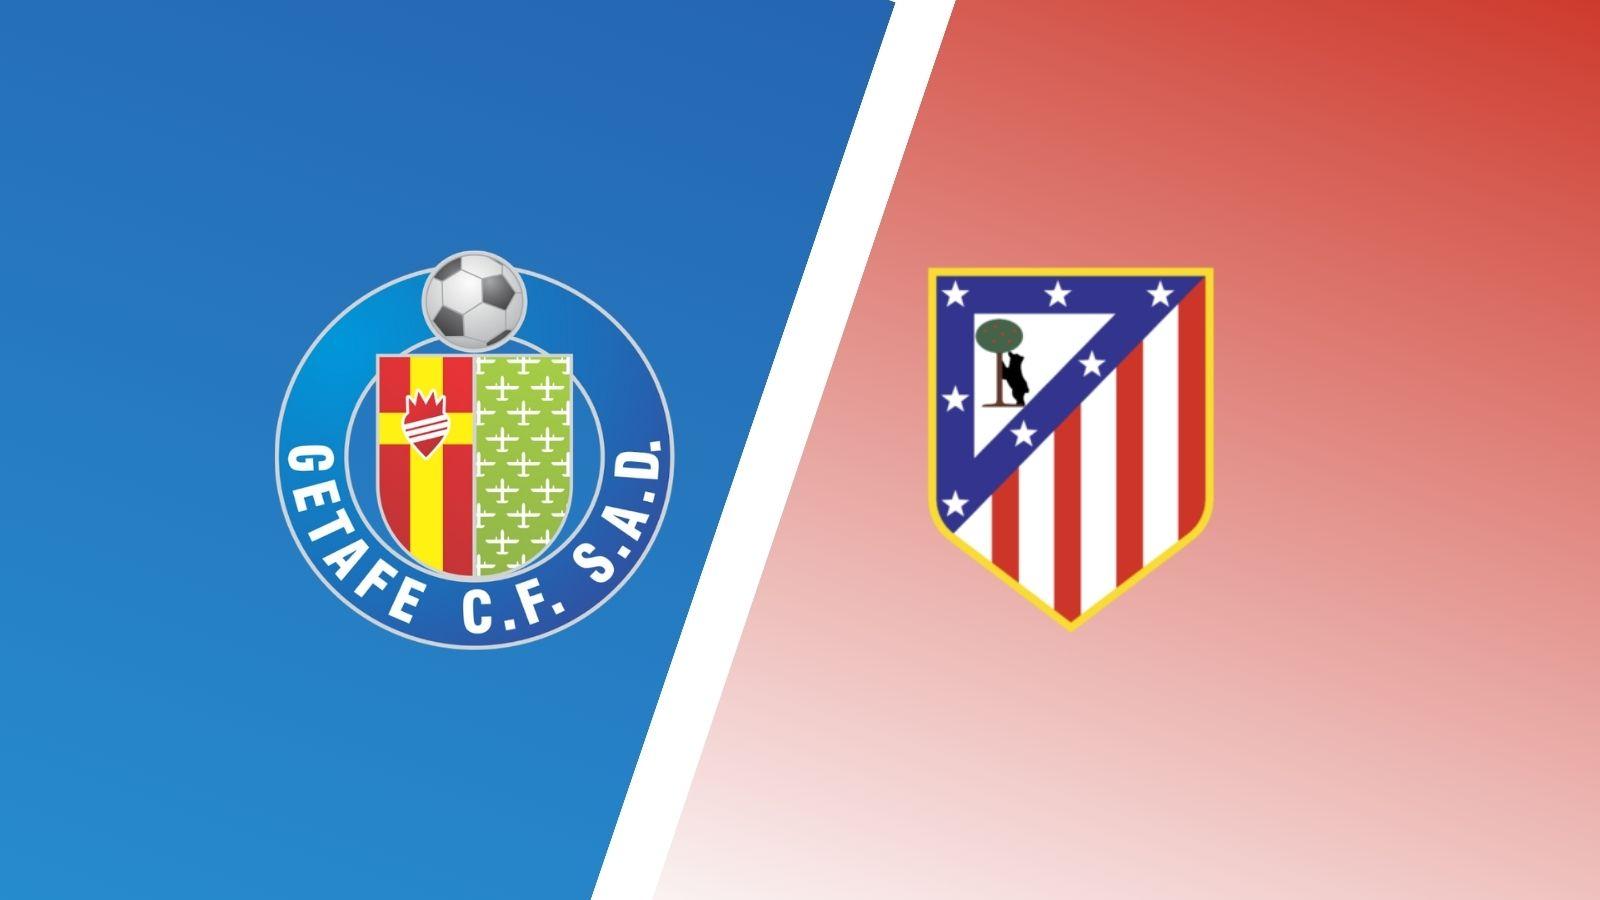 مواعيد مباريات اليوم الثلاثاء 21 - 9 - 2021 .. أتلتيكو مدريد ضد خيتافي في الدوري الإسباني، و ليفربول و نوريتش سيتي ضمن كأس رابطة المحترفين الإنجليزية